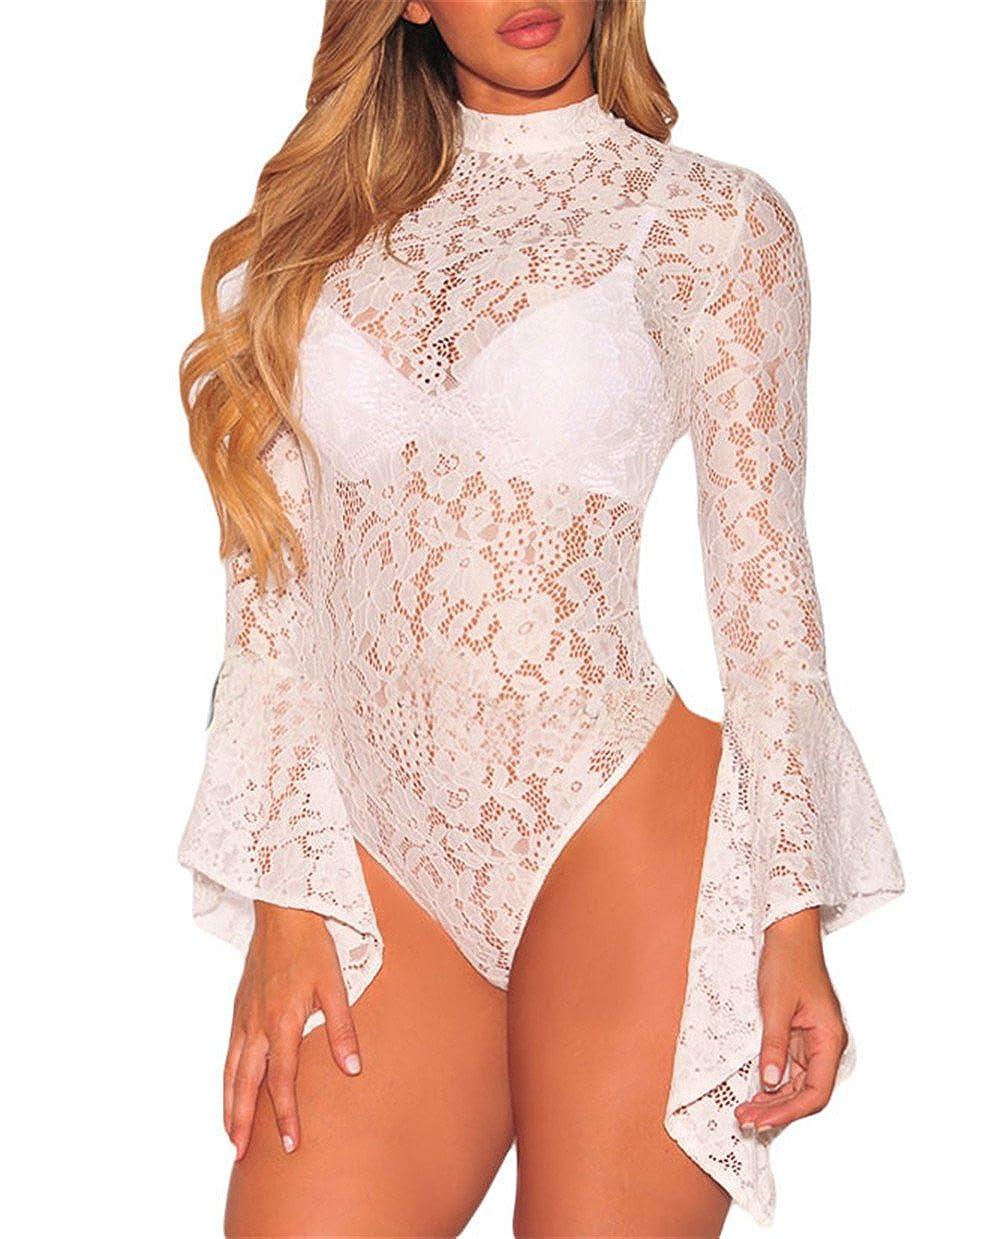 Women Sheer Floral Lace Long Bell Sleeve Mock Neck Bodysuit Leotard Clubwear Top